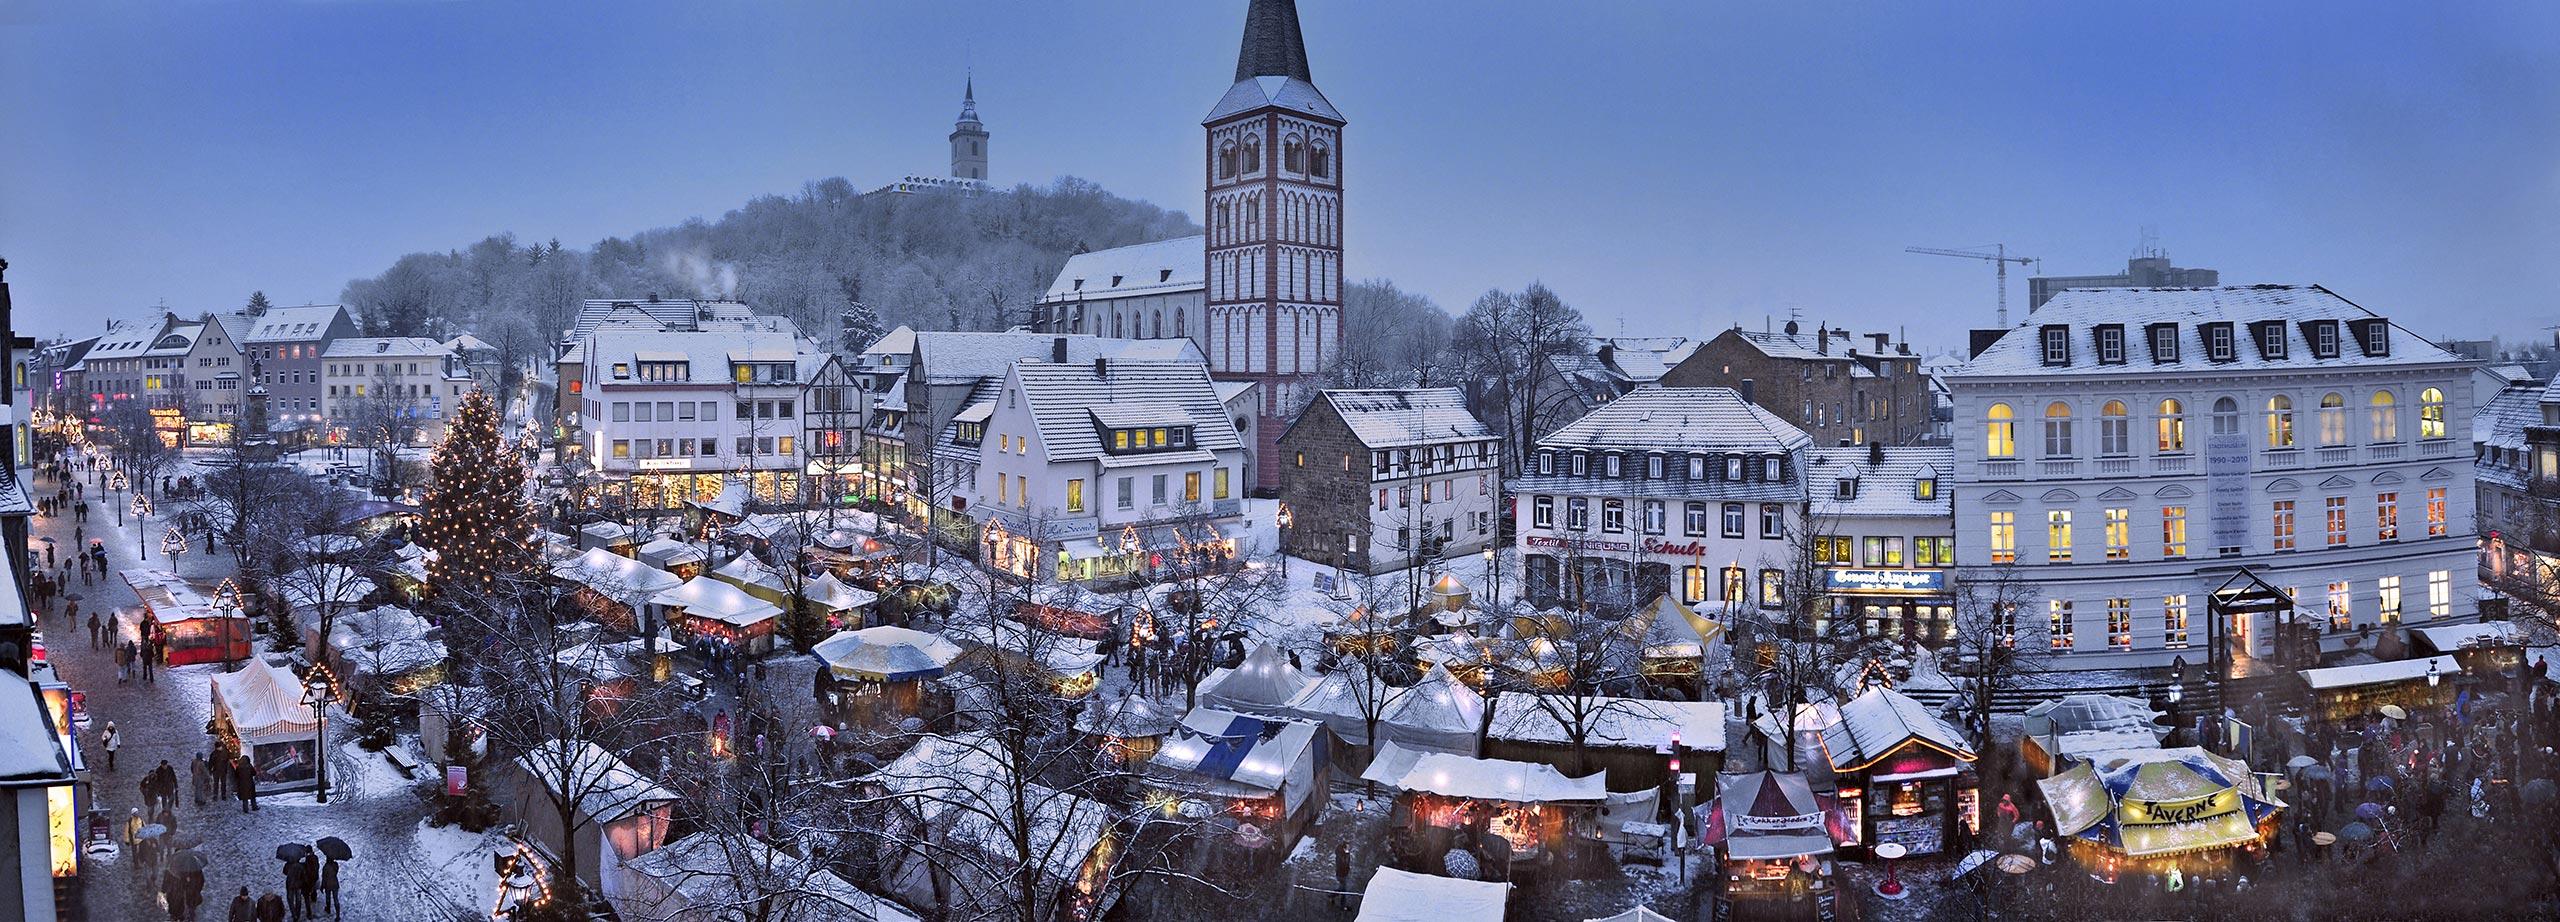 Der Mittelalterliche Markt zur Weihnachtszeit in Siegburg